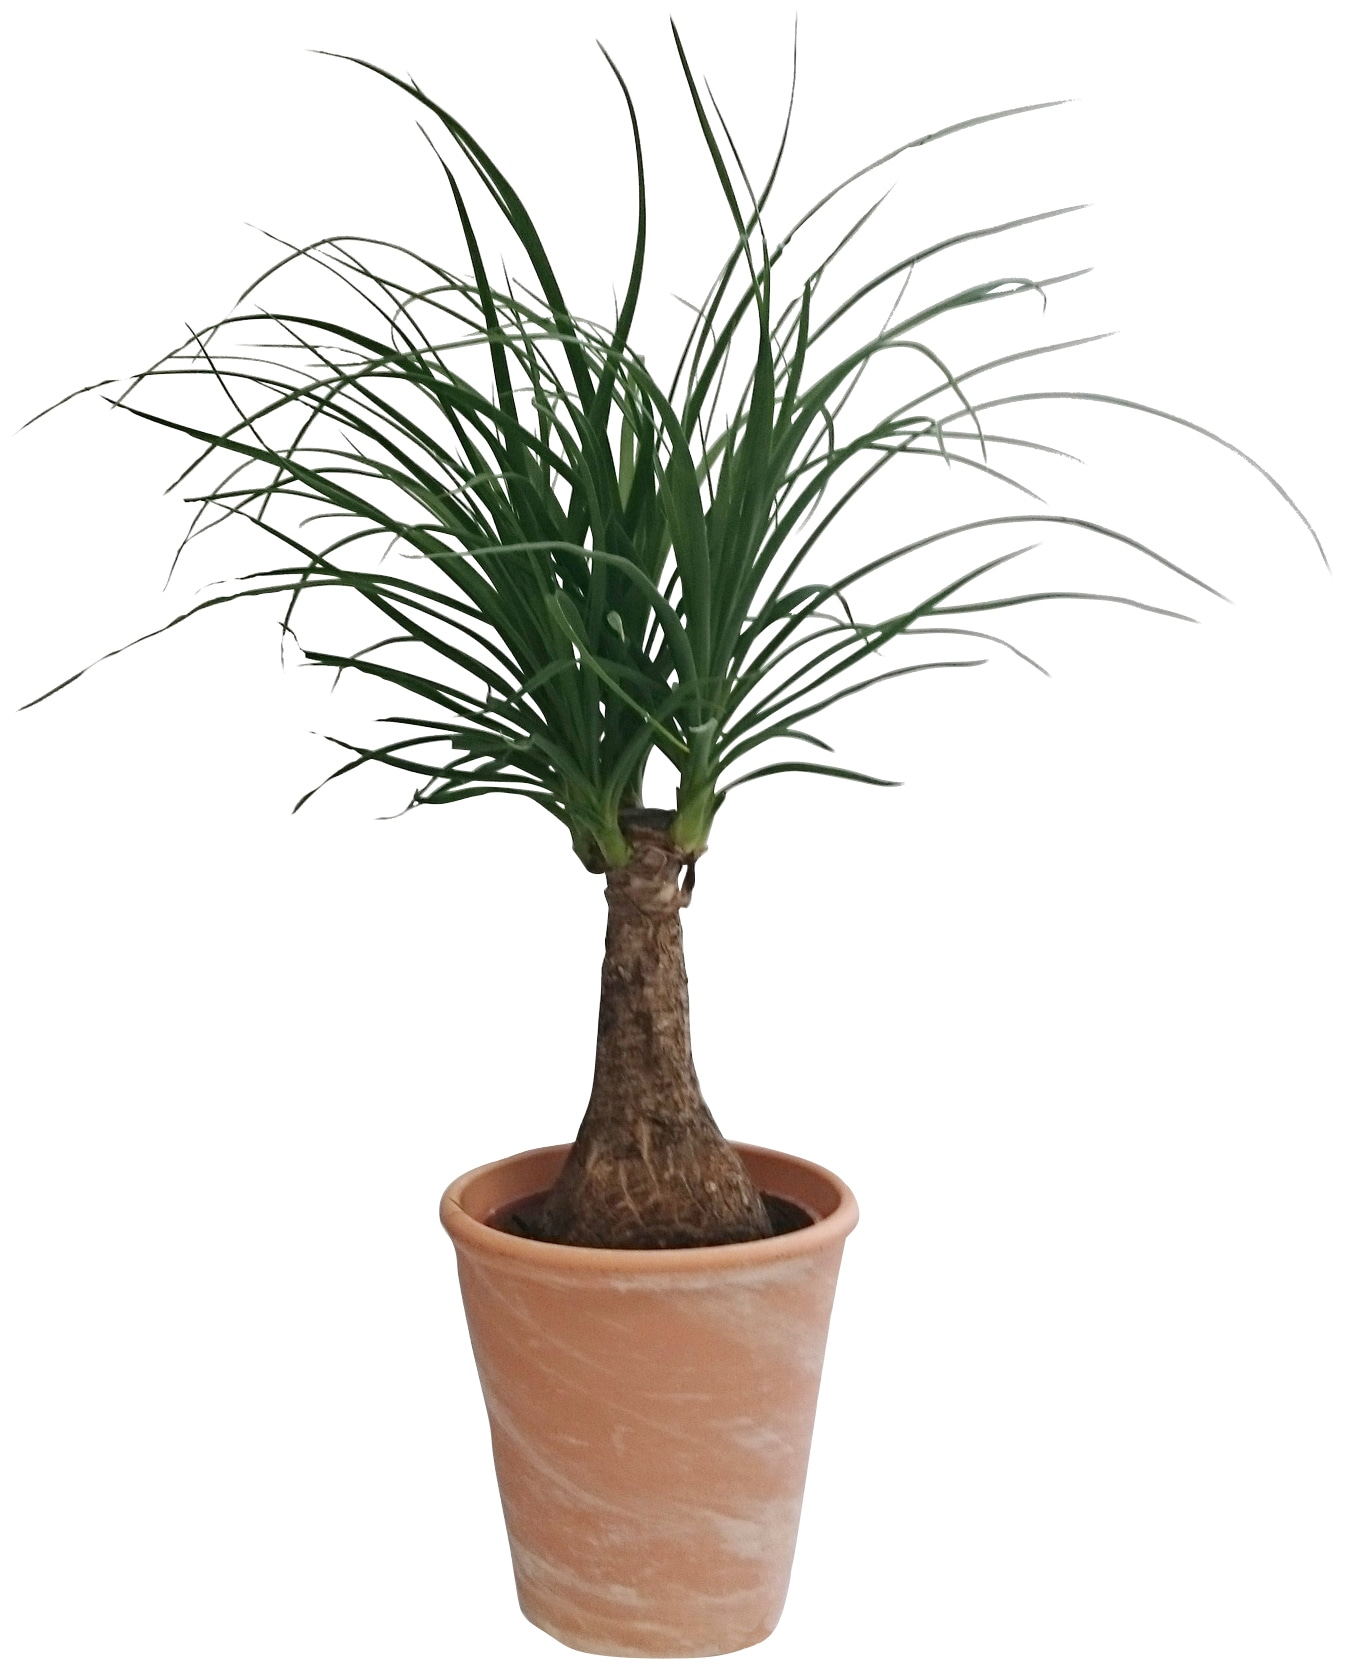 Dominik Zimmerpflanze Elefantenfuß, Höhe: 30 cm, 1 Pflanze im Dekotopf grün Pflanzen Garten Balkon